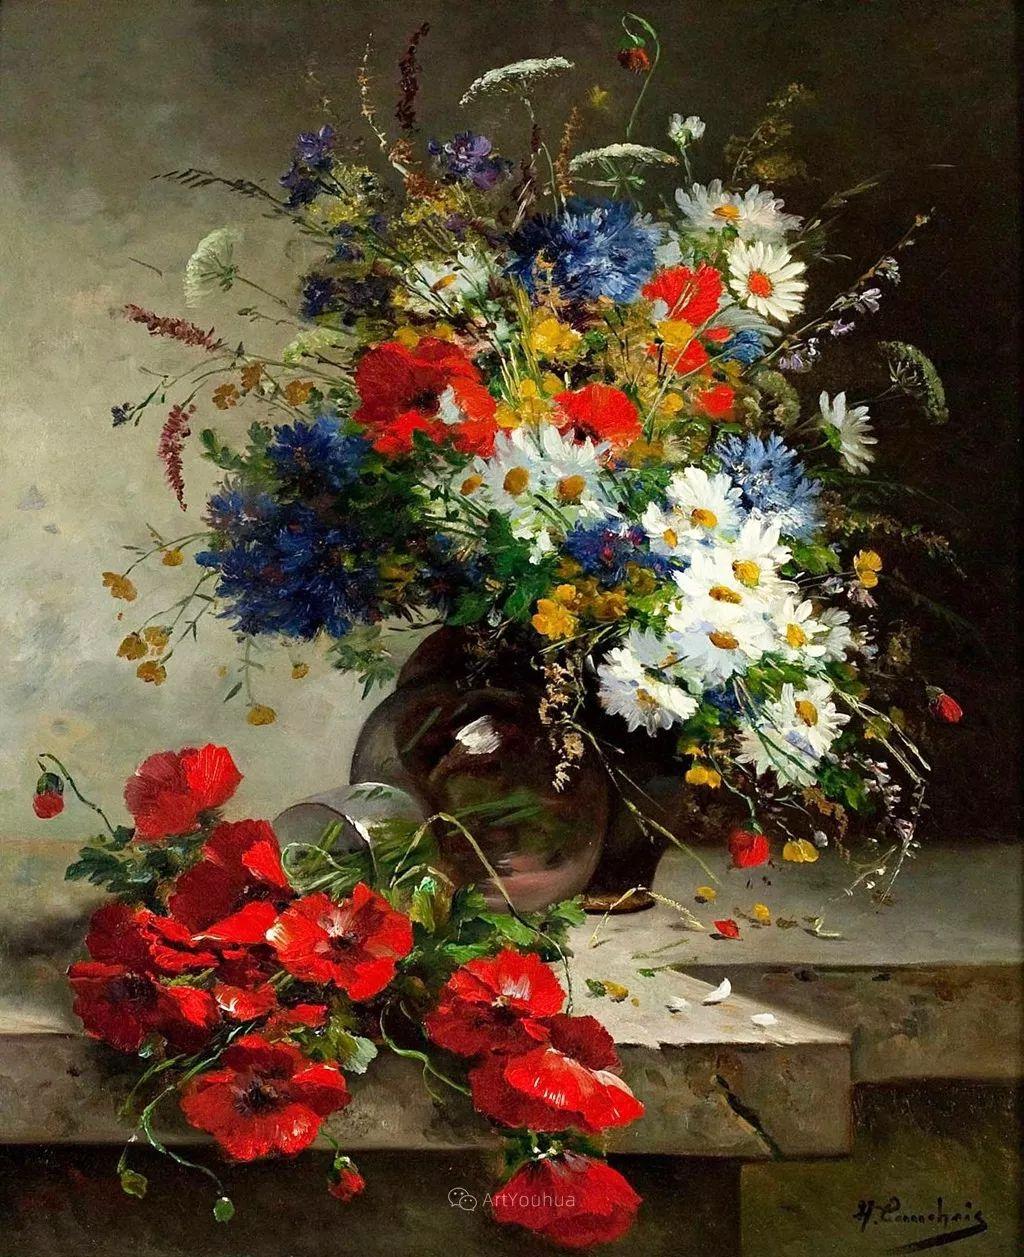 花卉的绽放之美,法国艺术家Eugene Henri Cauchois插图13